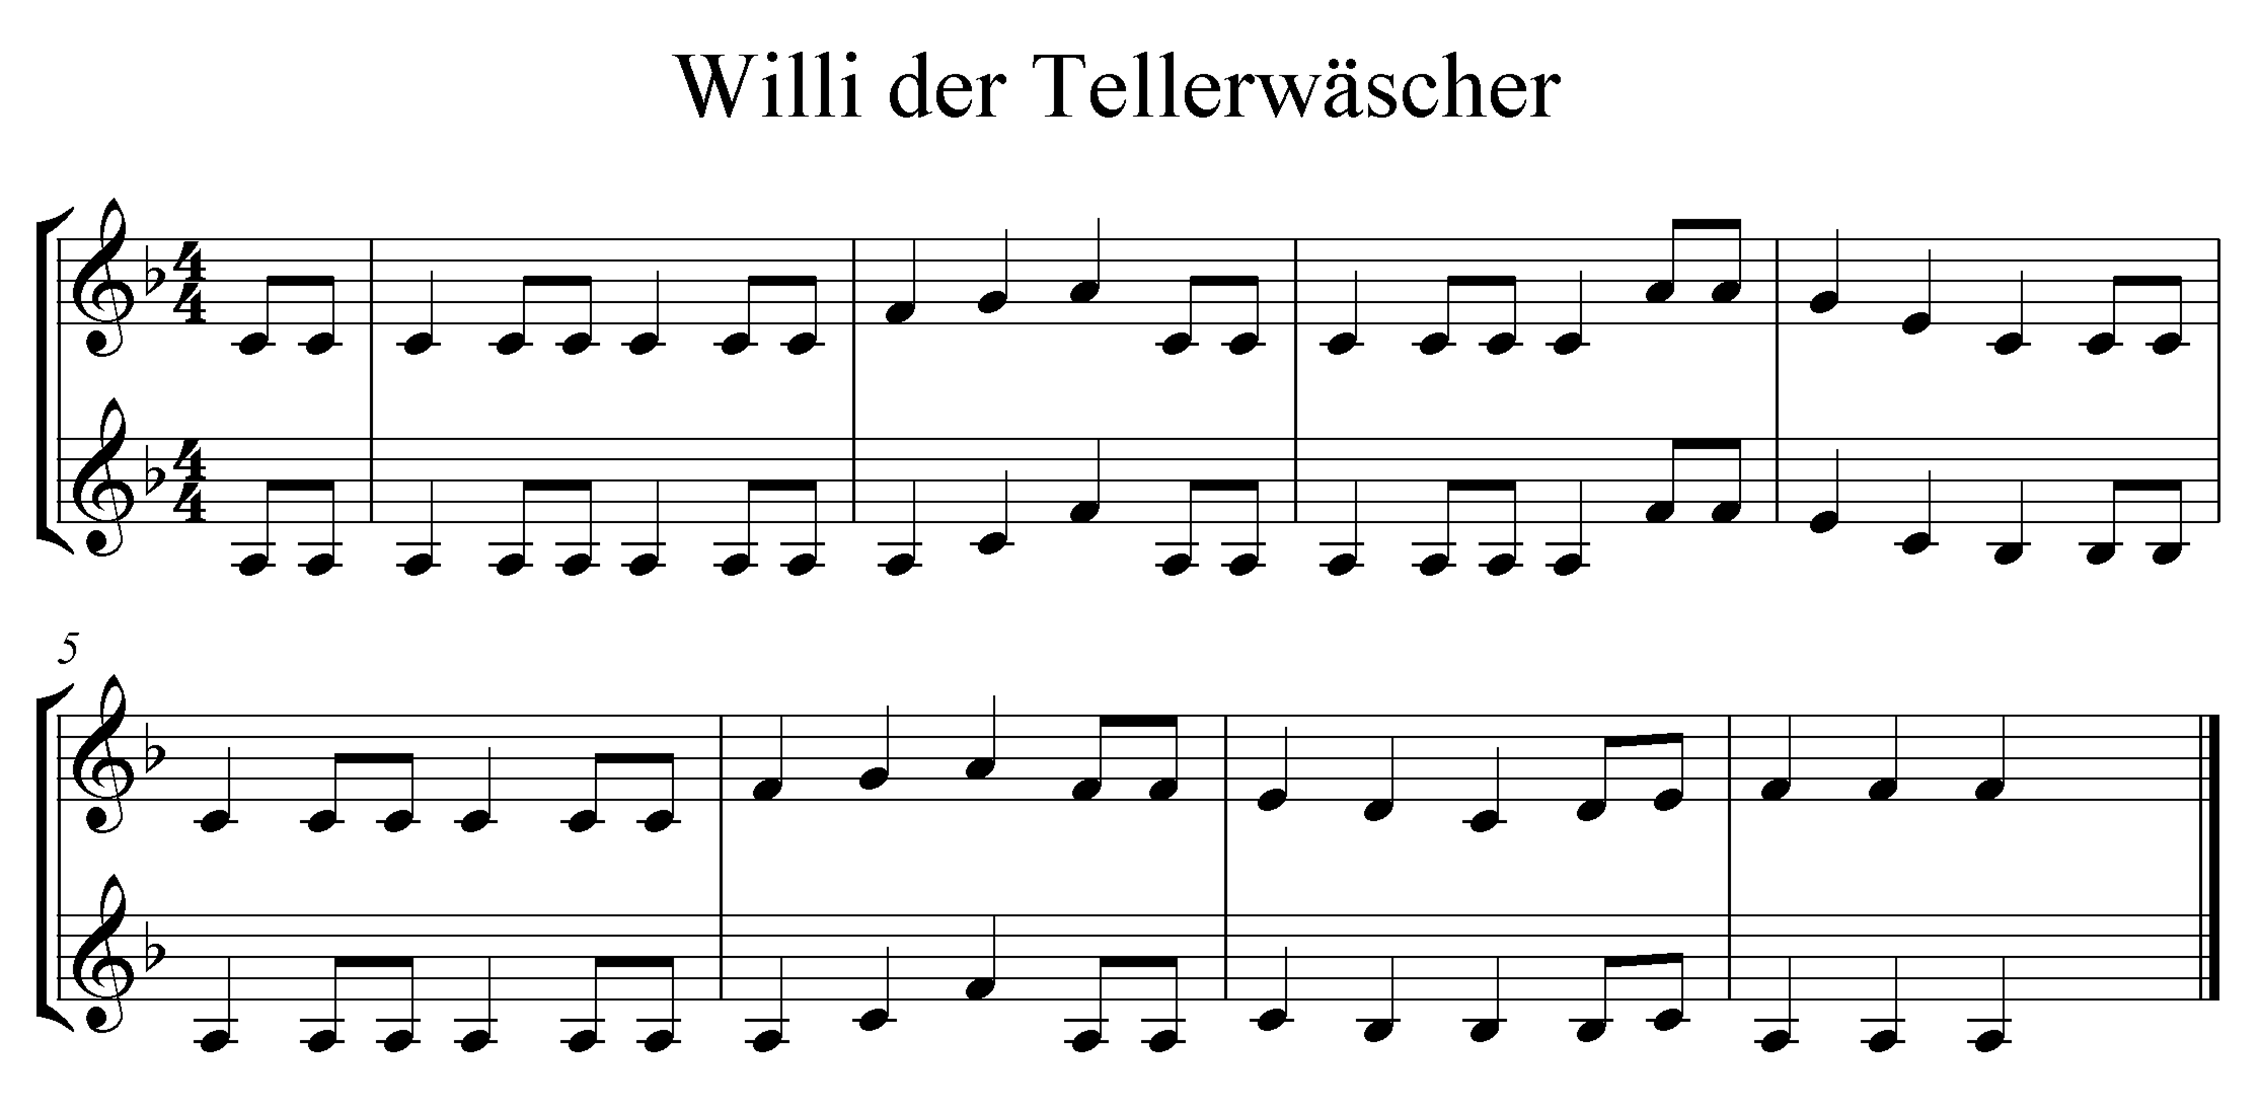 Noten für Trompete, F-Dur